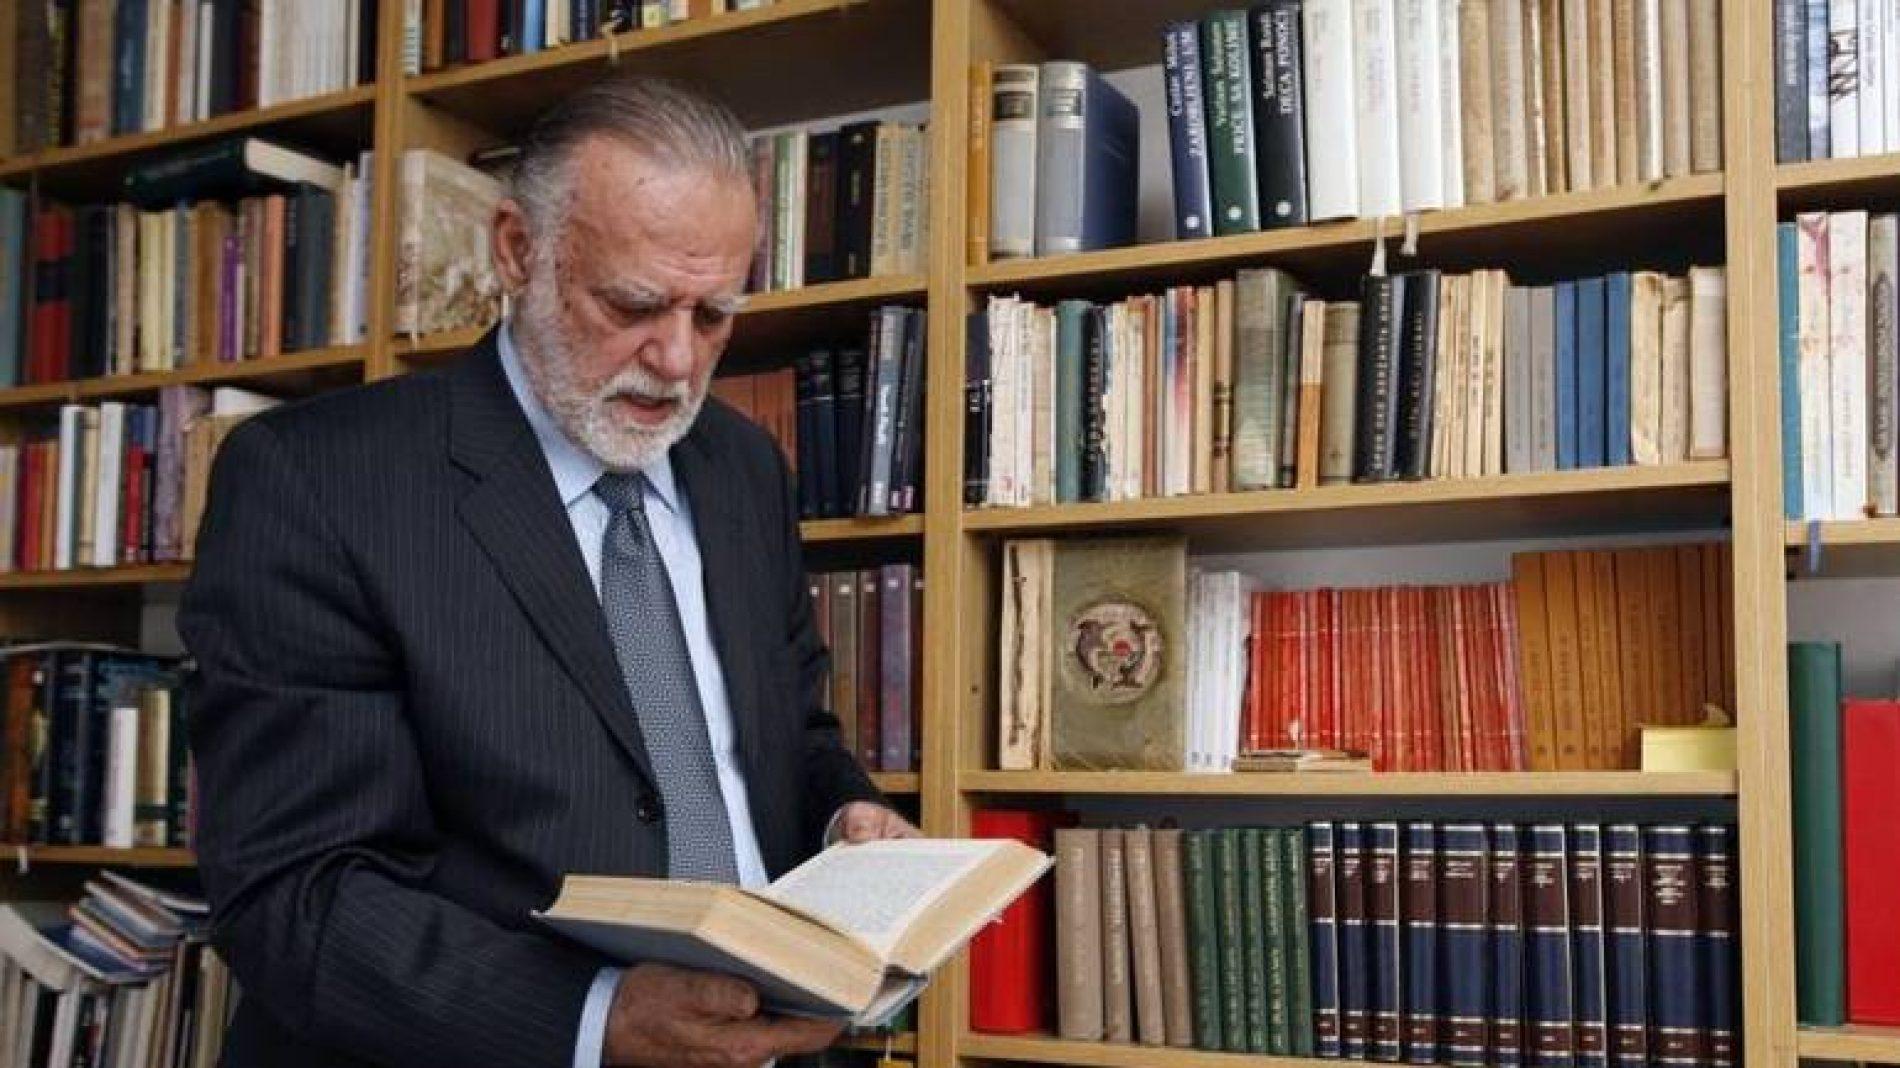 Obilježavanje godišnjice smrti Nedžada Ibrišimovića